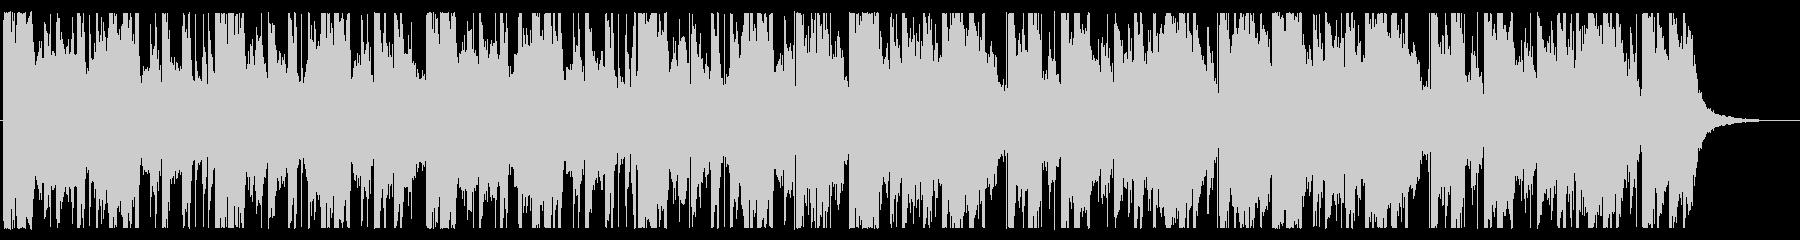 ピアノ/シンプル/R&B_No443_5の未再生の波形